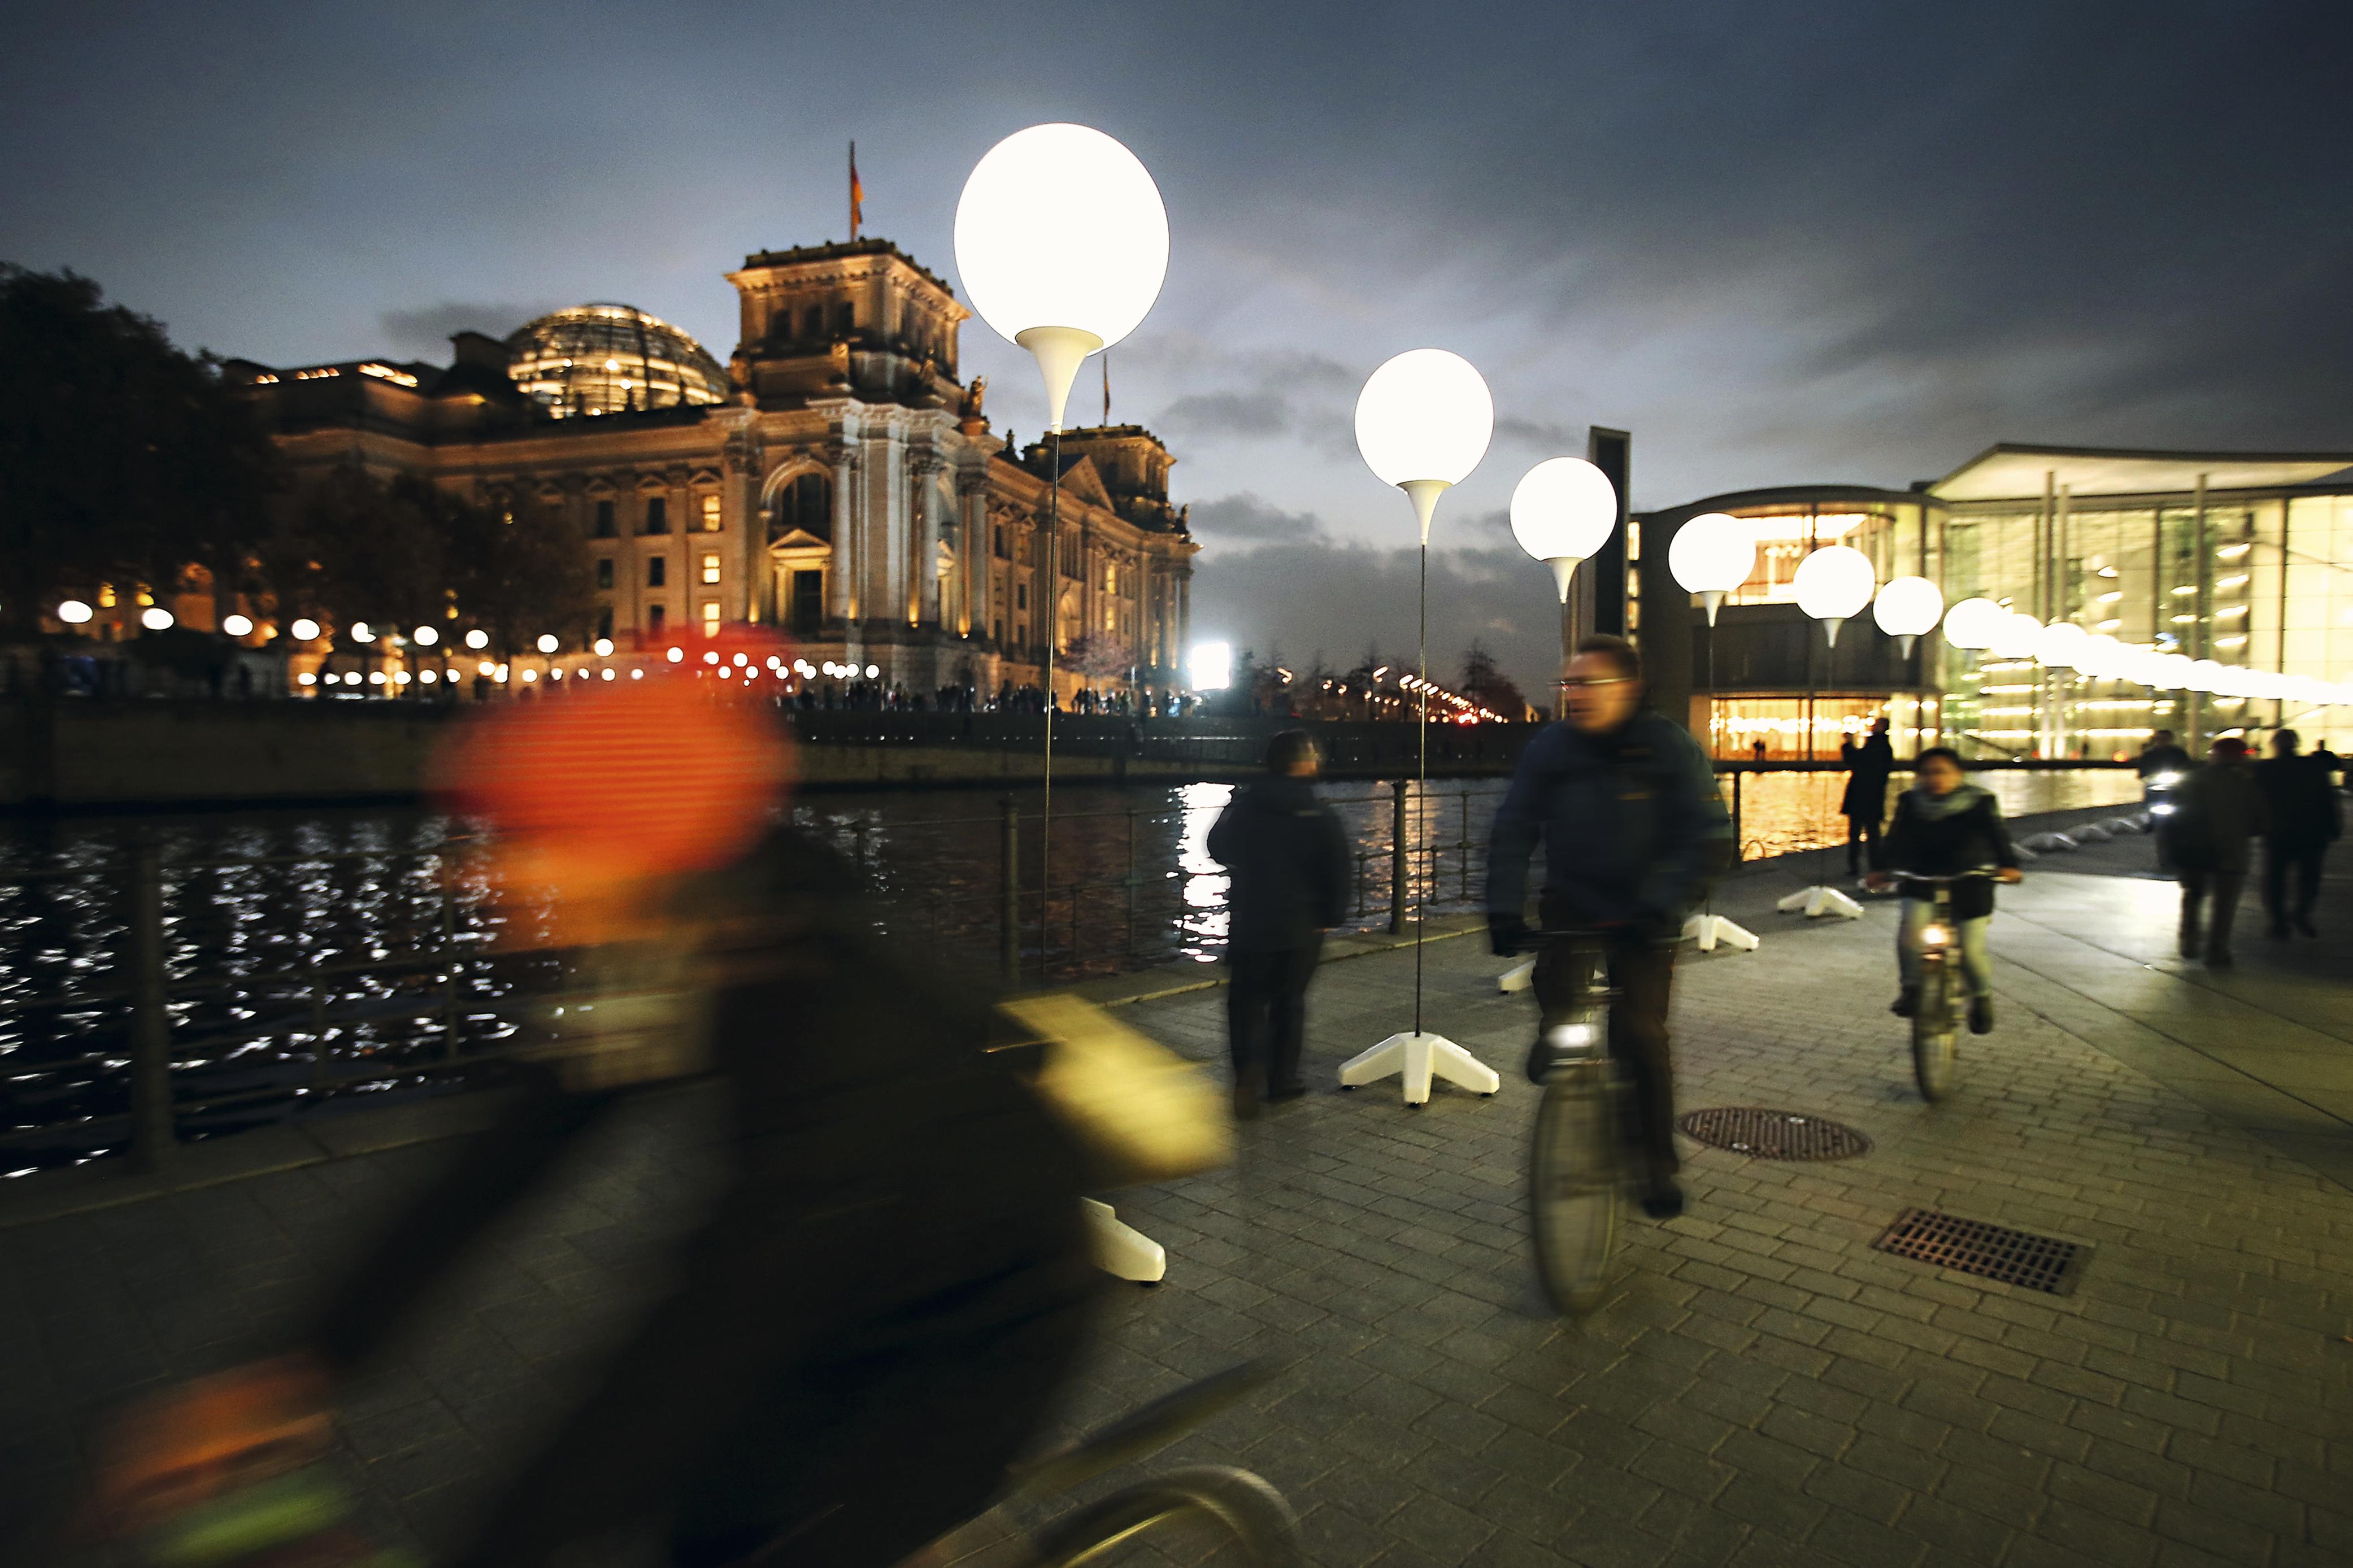 Rio Spree com luzes do Reichstag, Berlim, Alemanha